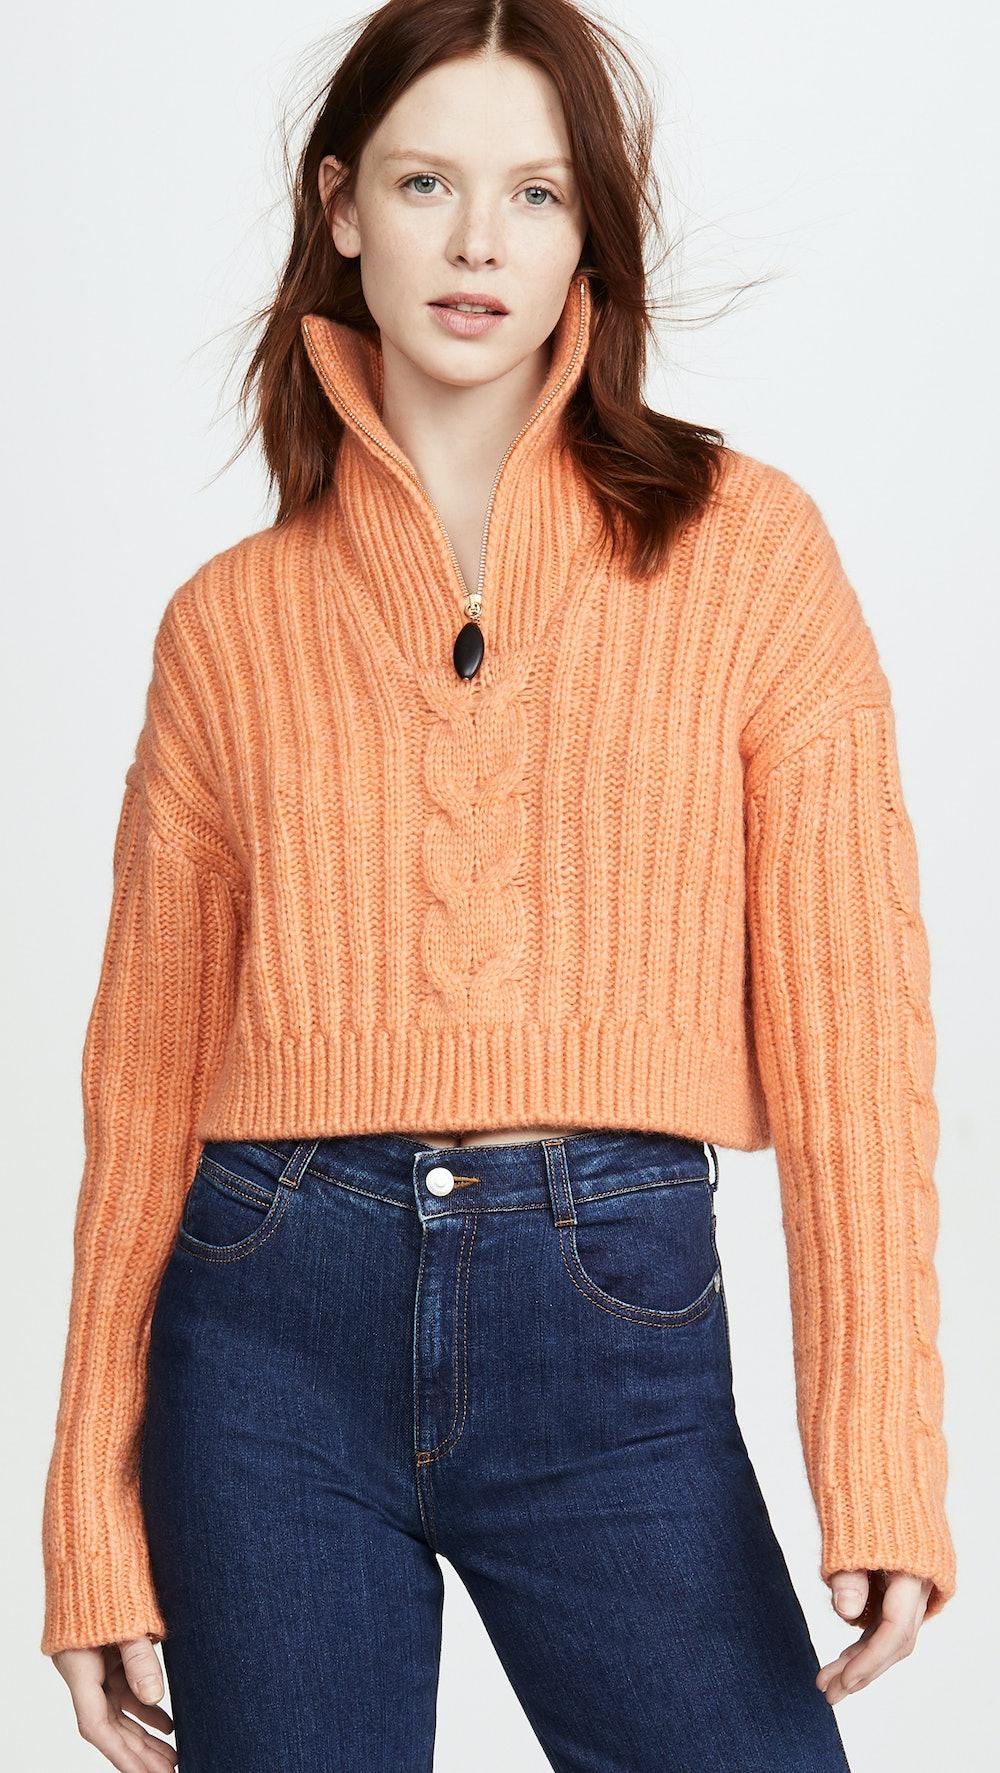 Eria Sweater